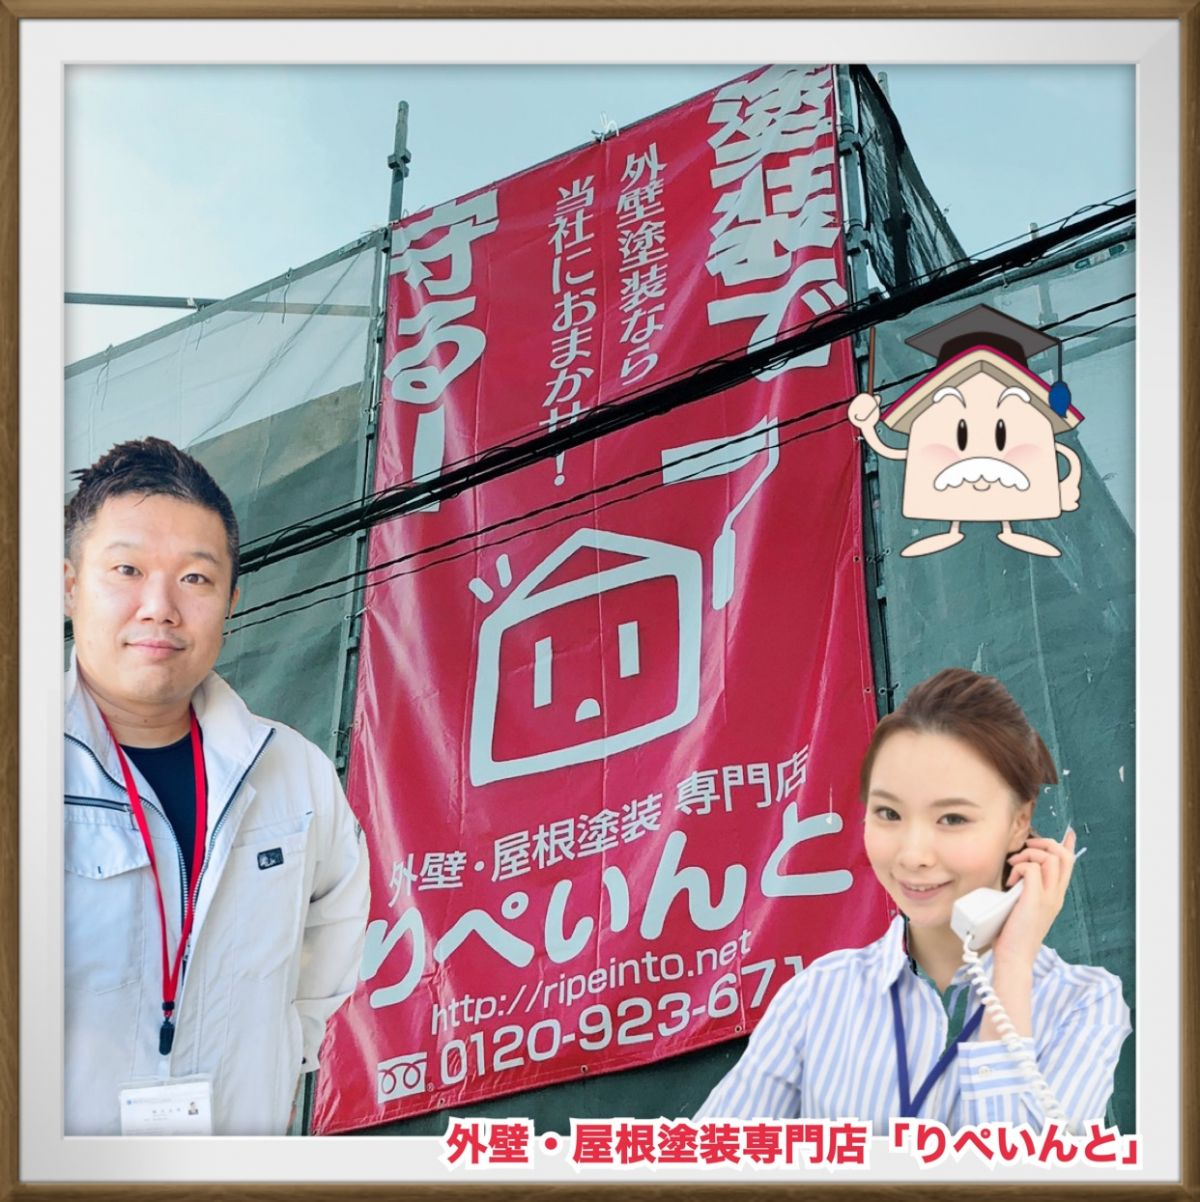 jirei_image54680